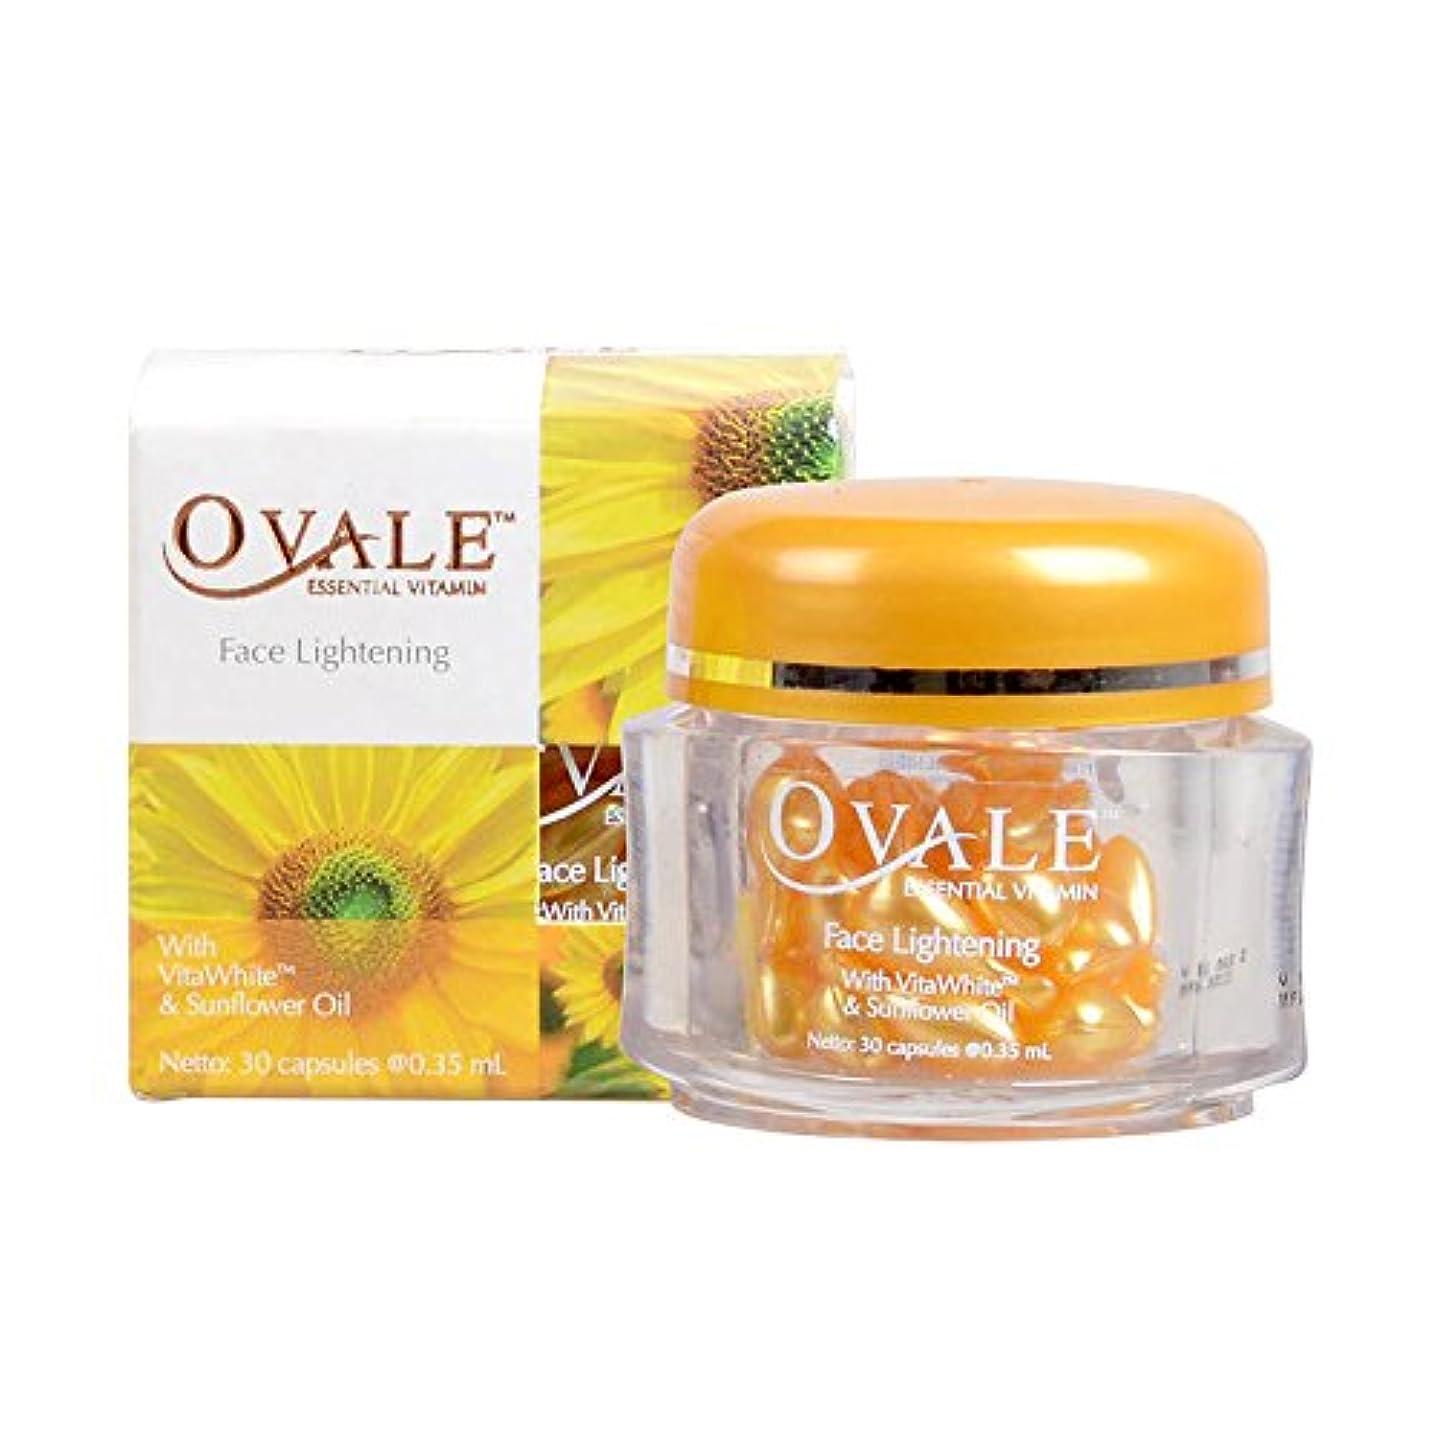 の面では真空非武装化Ovale オーバル フェイシャル美容液 essential vitamin エッセンシャルビタミン 30粒入ボトル×2個 サンフラワー [海外直送品]